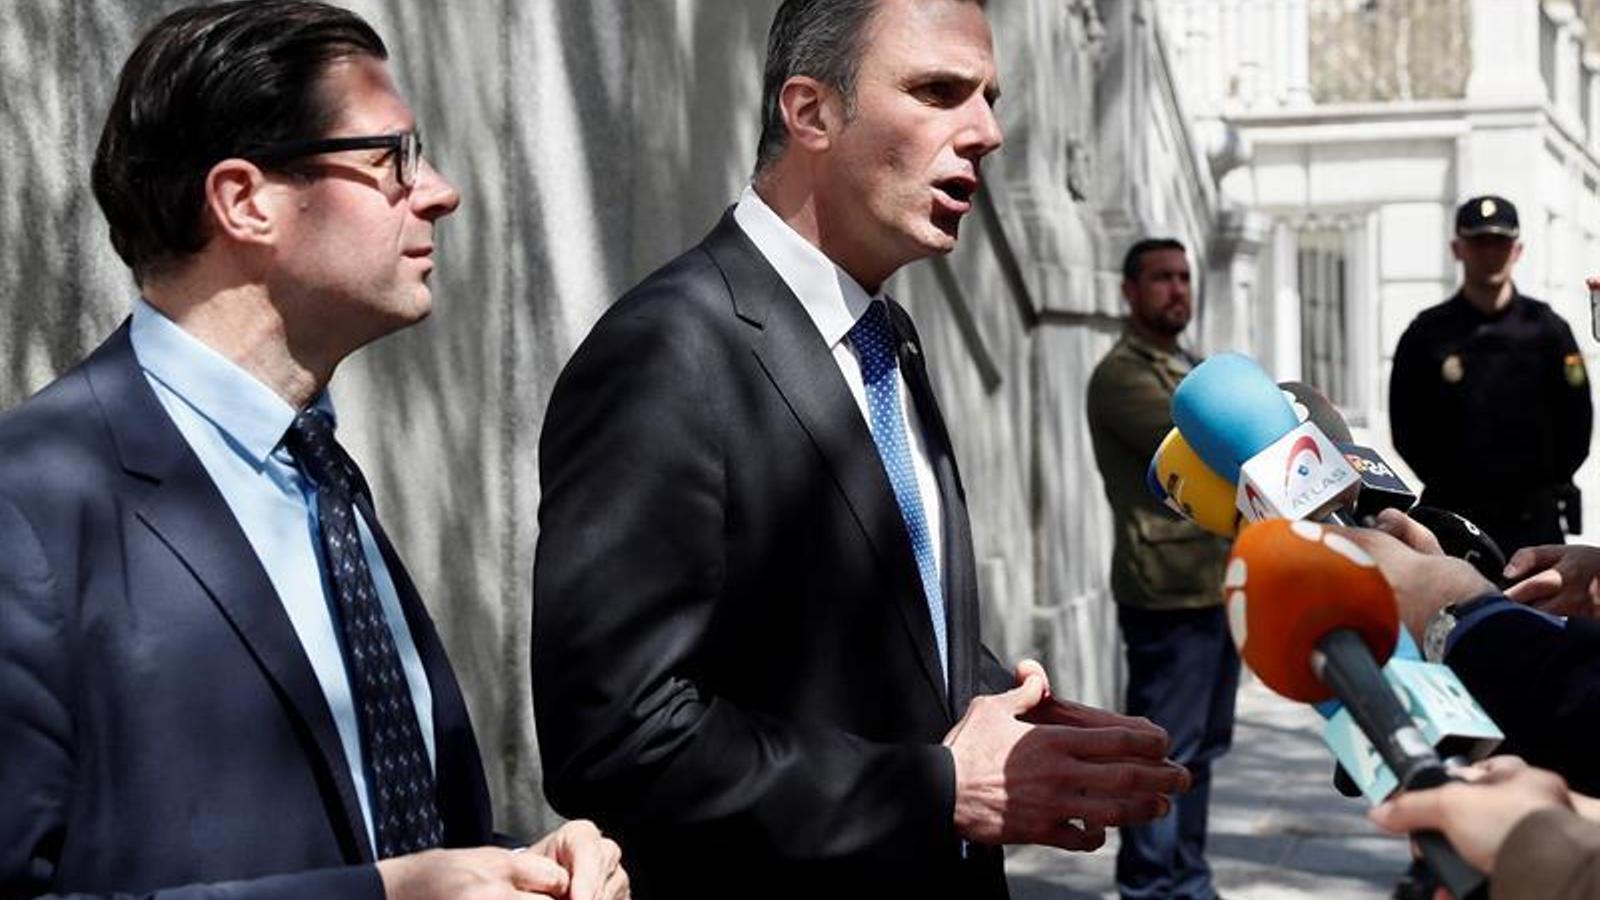 El líder de VOX i advocat en la causa al Suprem, Javier Ortega Smith, en declaracions als mitjans de comunicacions a les portes del tribunal. EFE